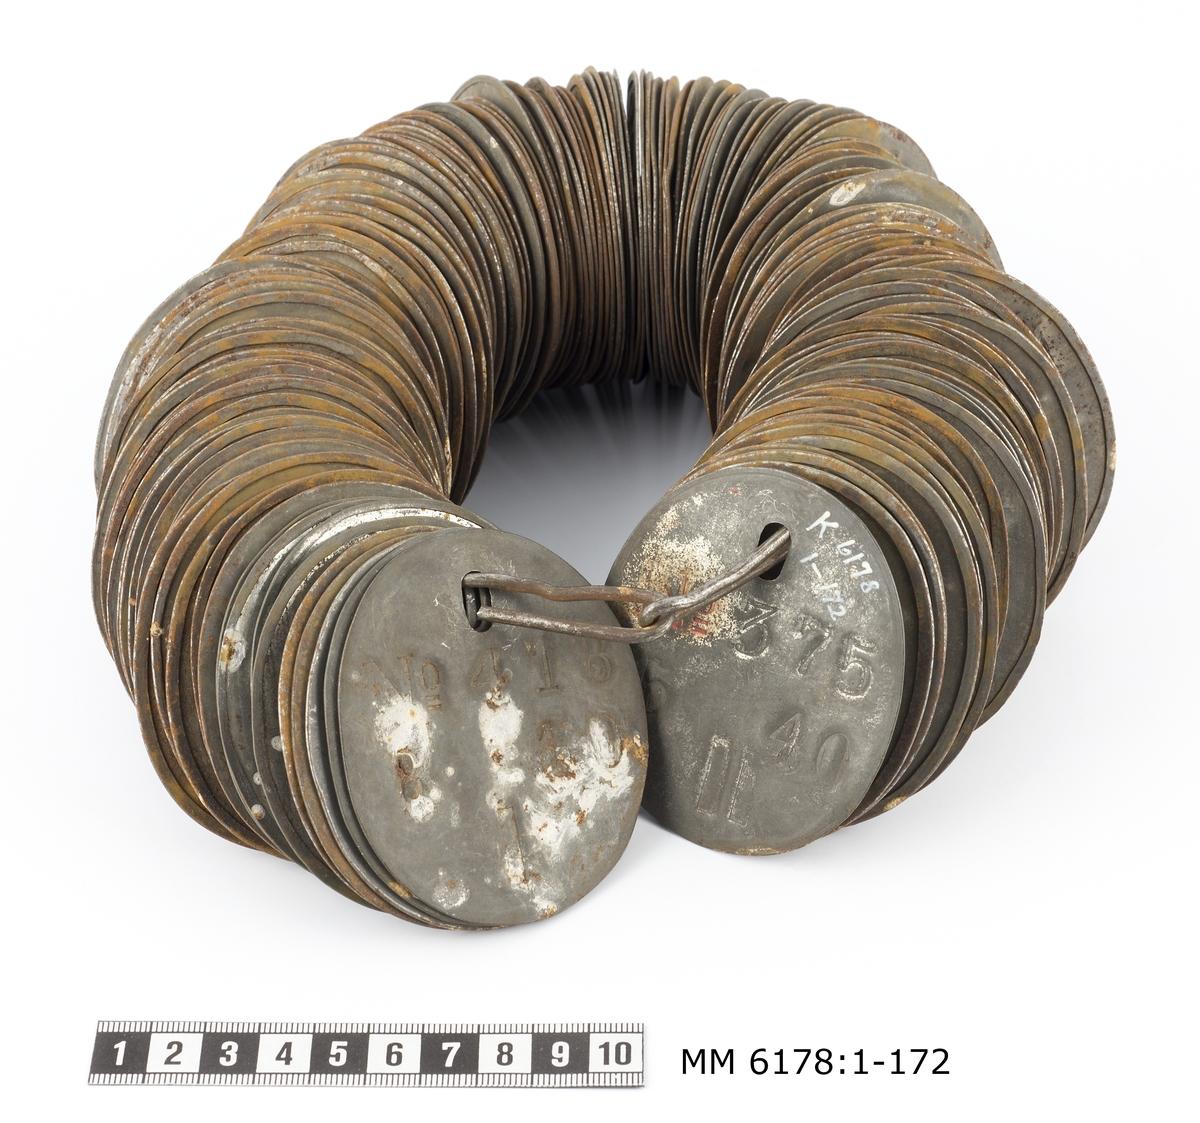 Bricka, kontroll-. Av bleckplåt. För arbetare vid Karlskrona örlogsvarv före 1918. Oval med hål för upphängning. Försedd med arbetarens nummer och daglön. (Endast 1 bricka märkt med inv. nr).